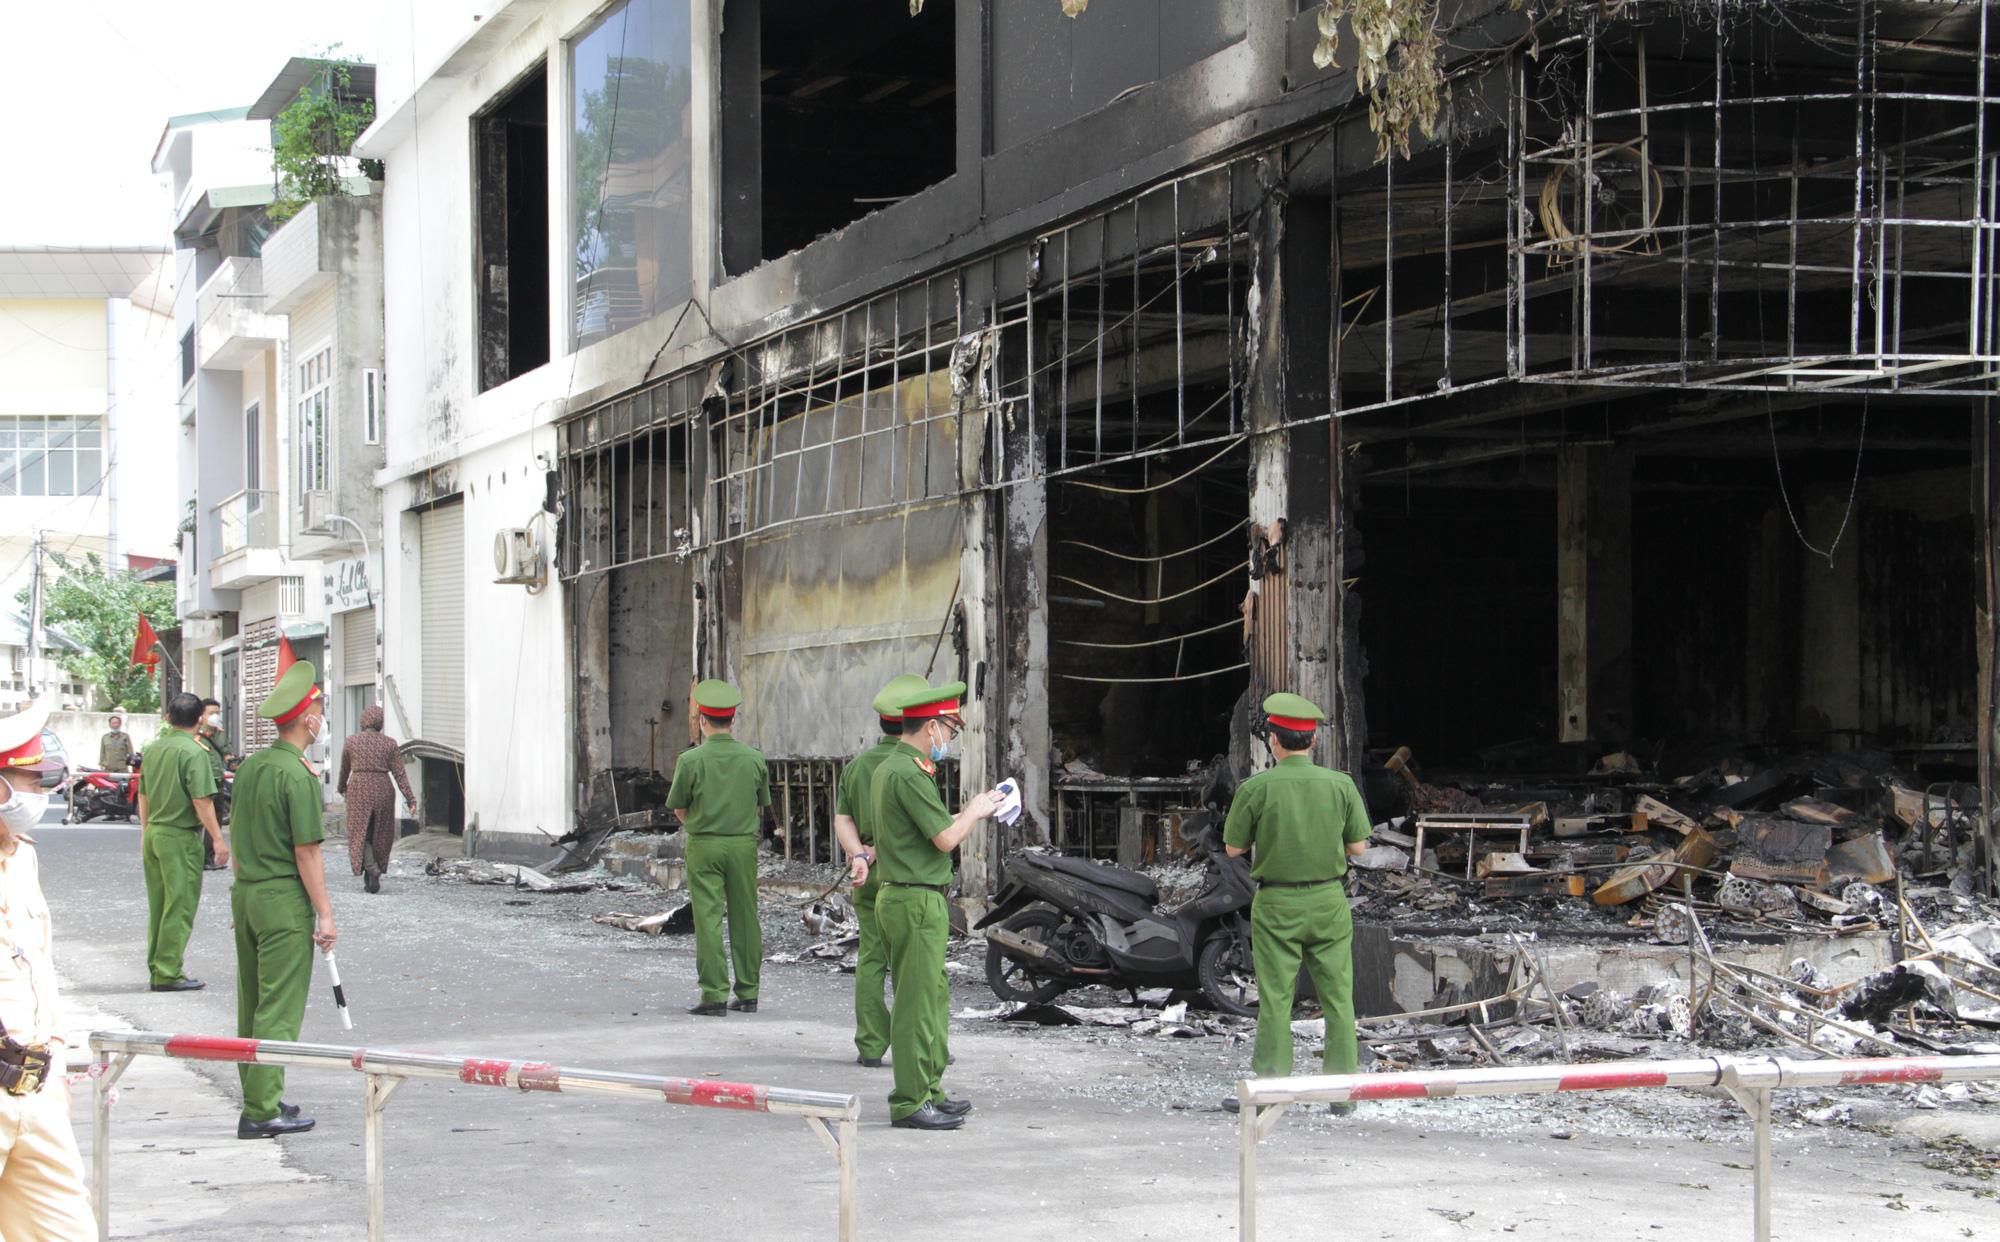 Vụ cháy 6 người chết ở Nghệ An xảy ra như thế nào qua lời kể của những nhân chứng đầu tiên tới hiện trường?